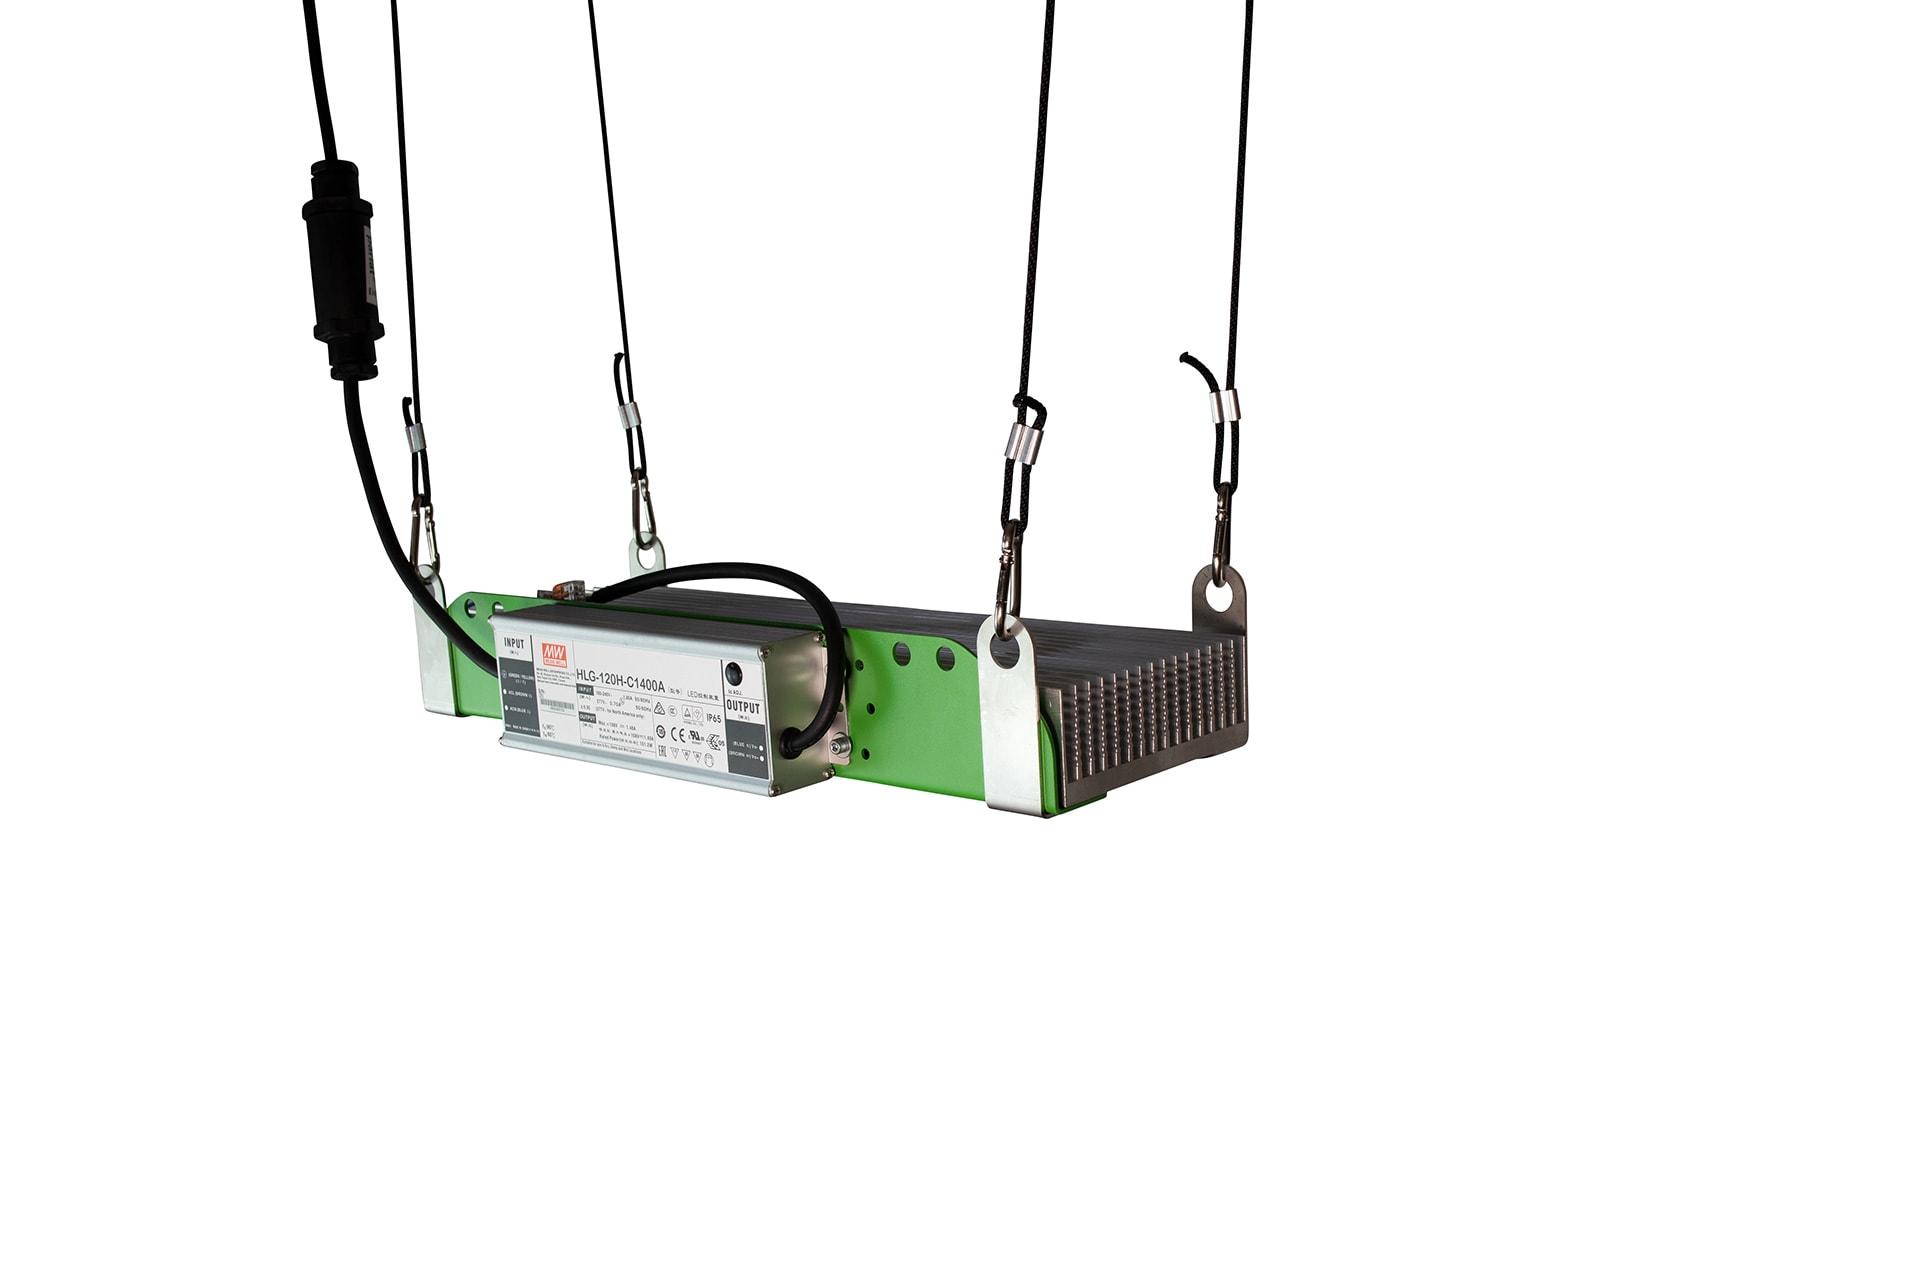 DIY-M-KIT-Cob-SMD-150w-side-driver-heatsink-pro-emit-hd